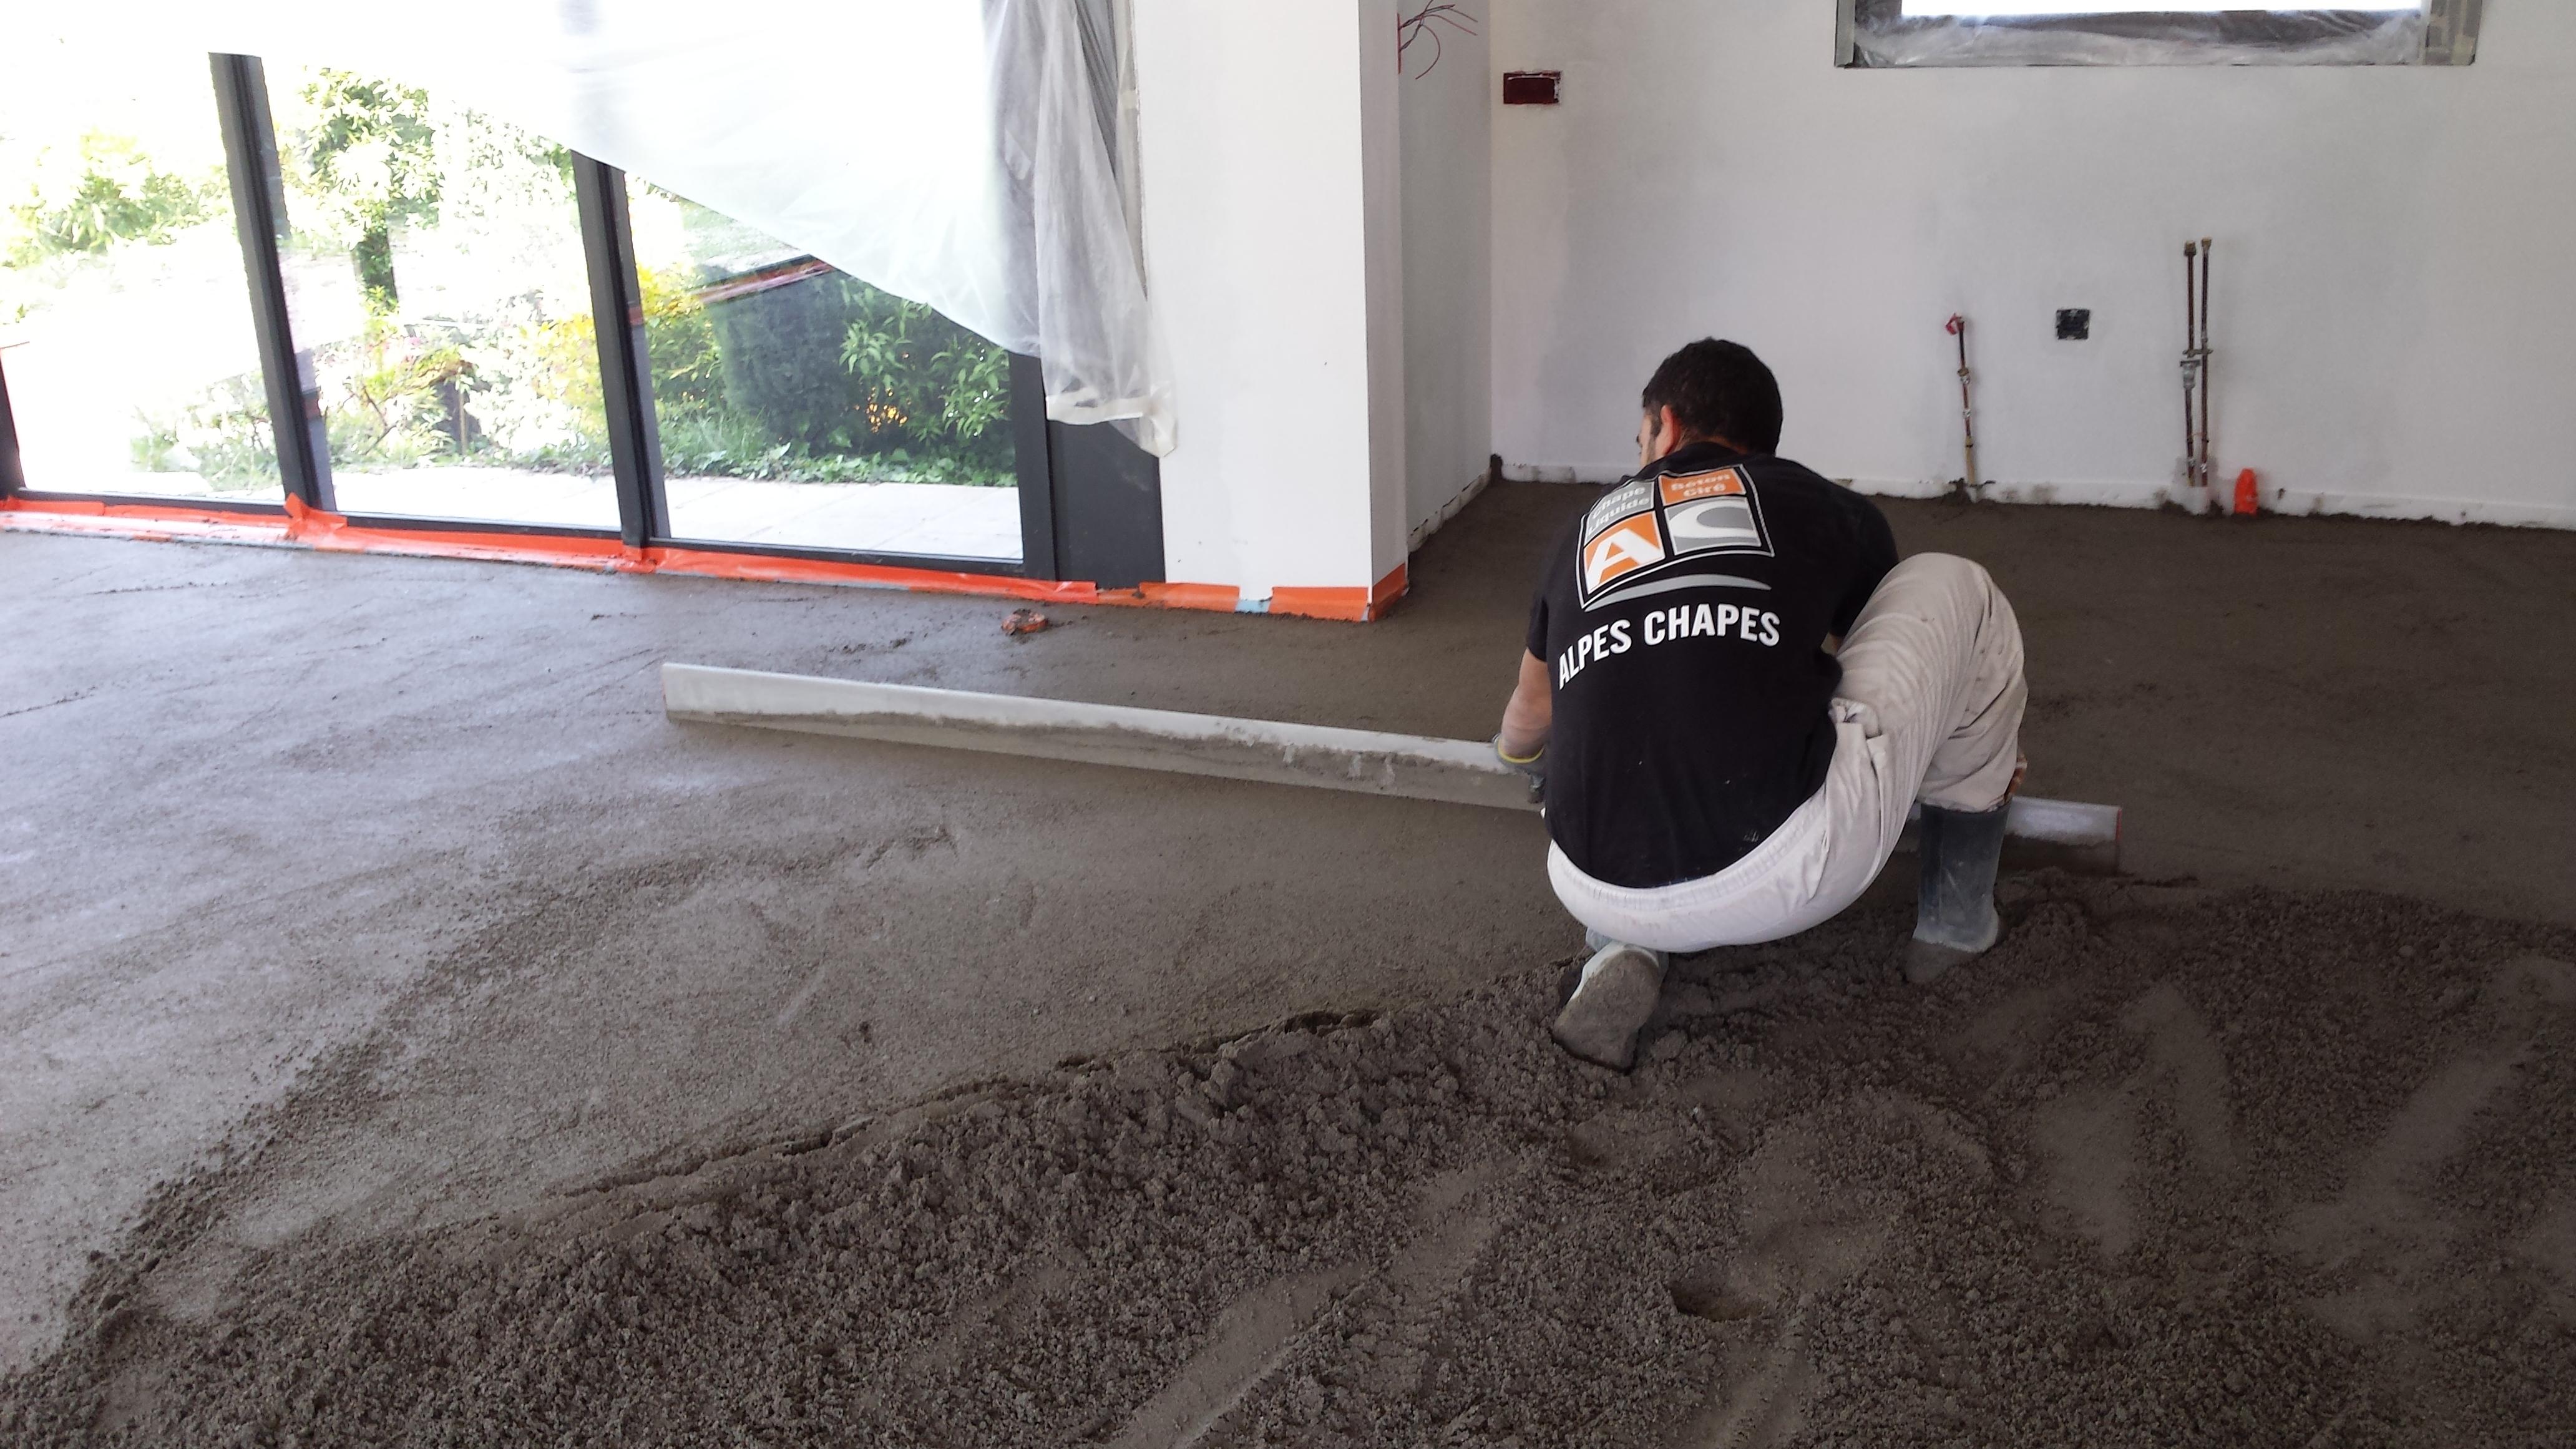 melange ciment sable pour chape r alisation d 39 une chape avec une pompe par william amador. Black Bedroom Furniture Sets. Home Design Ideas